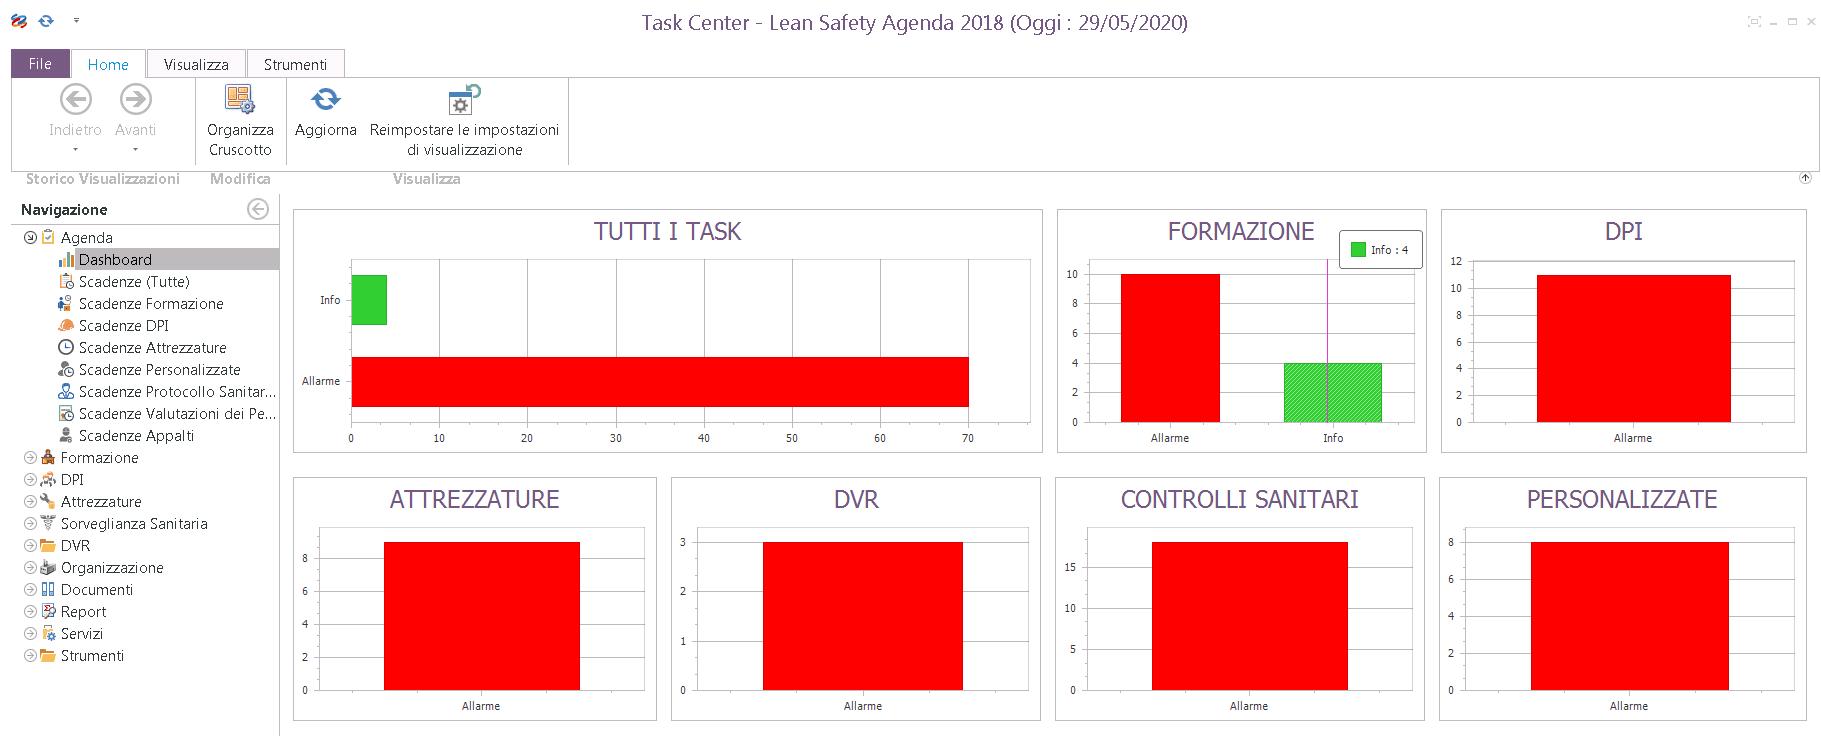 Dashboard scadenze aziendali in formato grafico